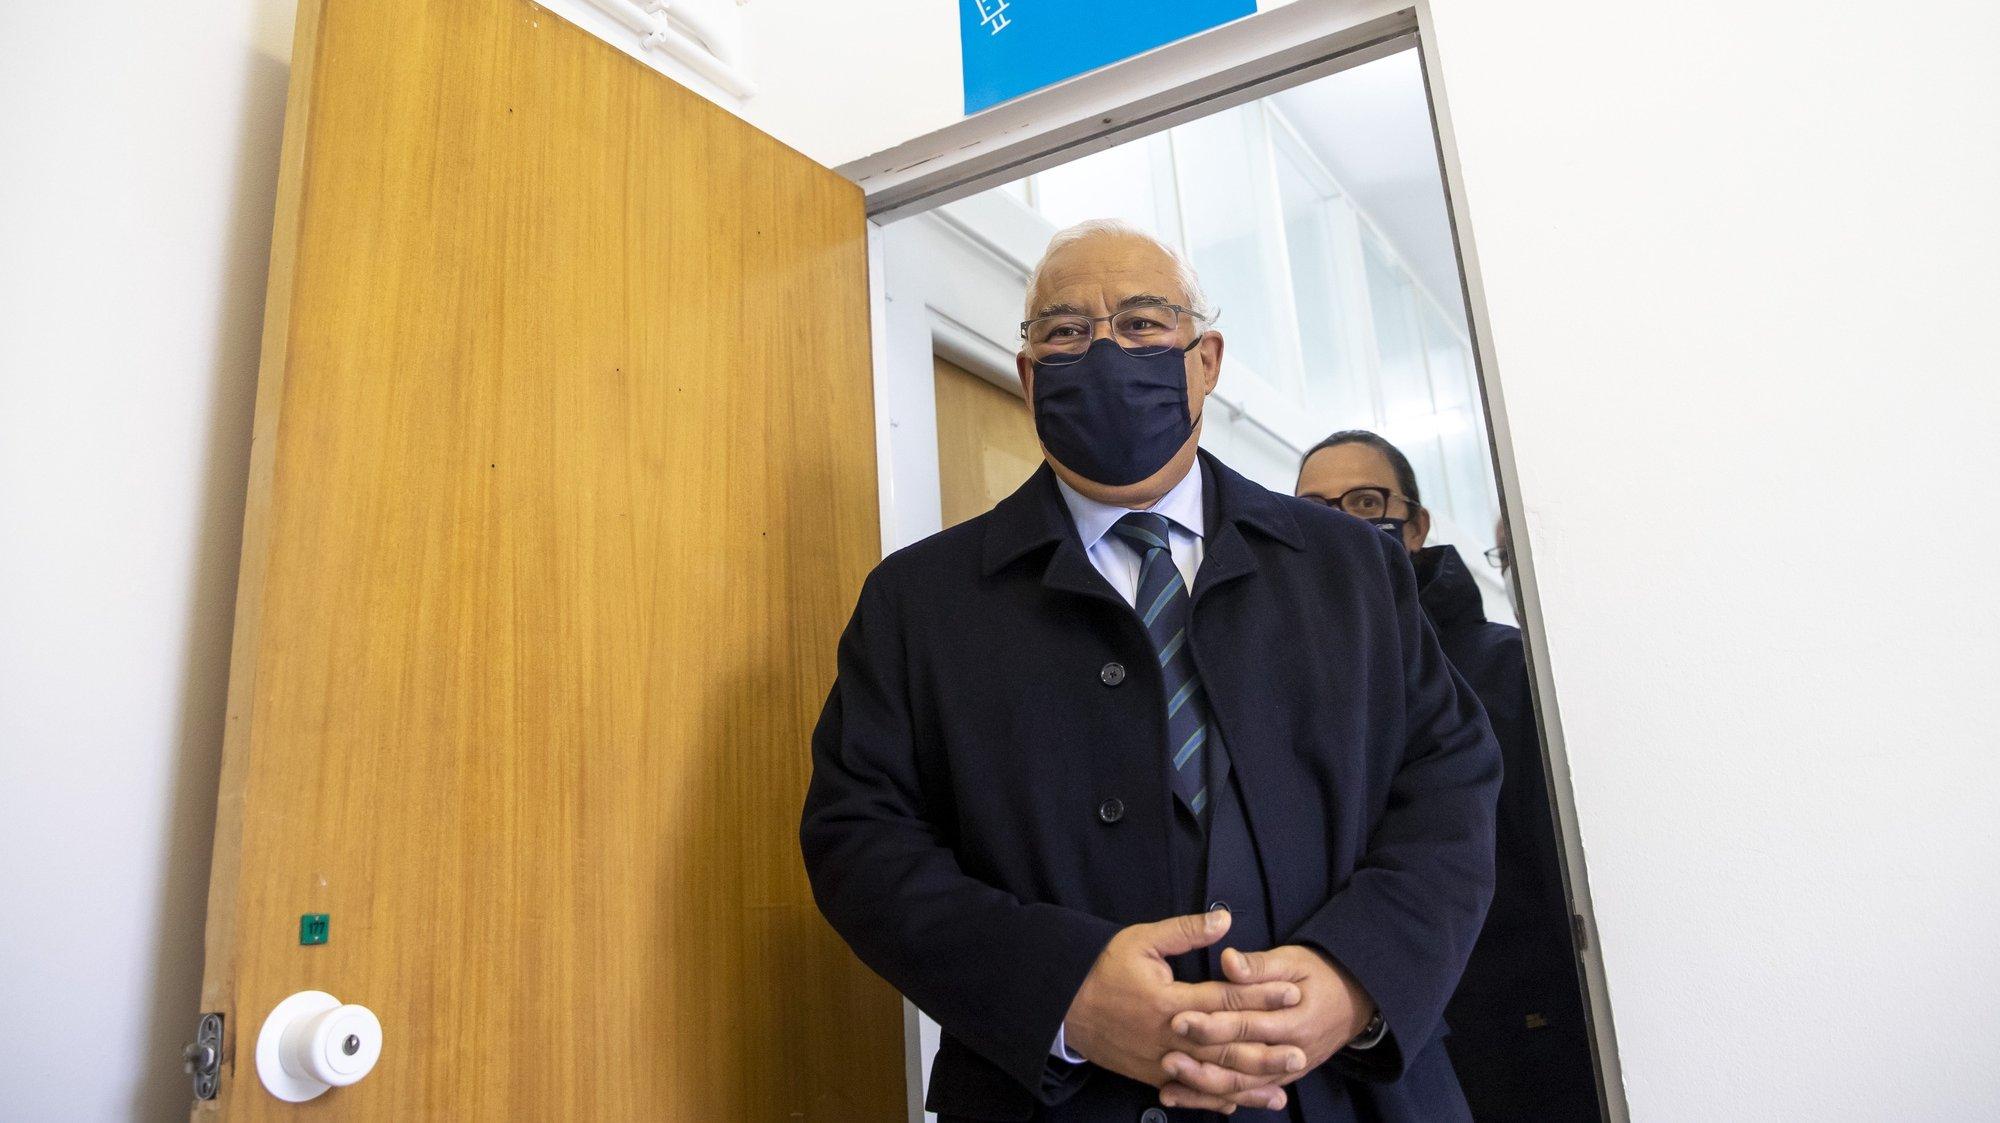 O primeiro-Ministro, António Costa, durante uma visita ao processo de vacinação contra a Covid19 dos efectivos da Guarda Nacional Republicana e da Polícia de Segurança Pública, no Quartel de Conde de Lipe, em Lisboa, 13 de fevereiro de 2021. JOSÉ SENA GOULÃO/LUSA